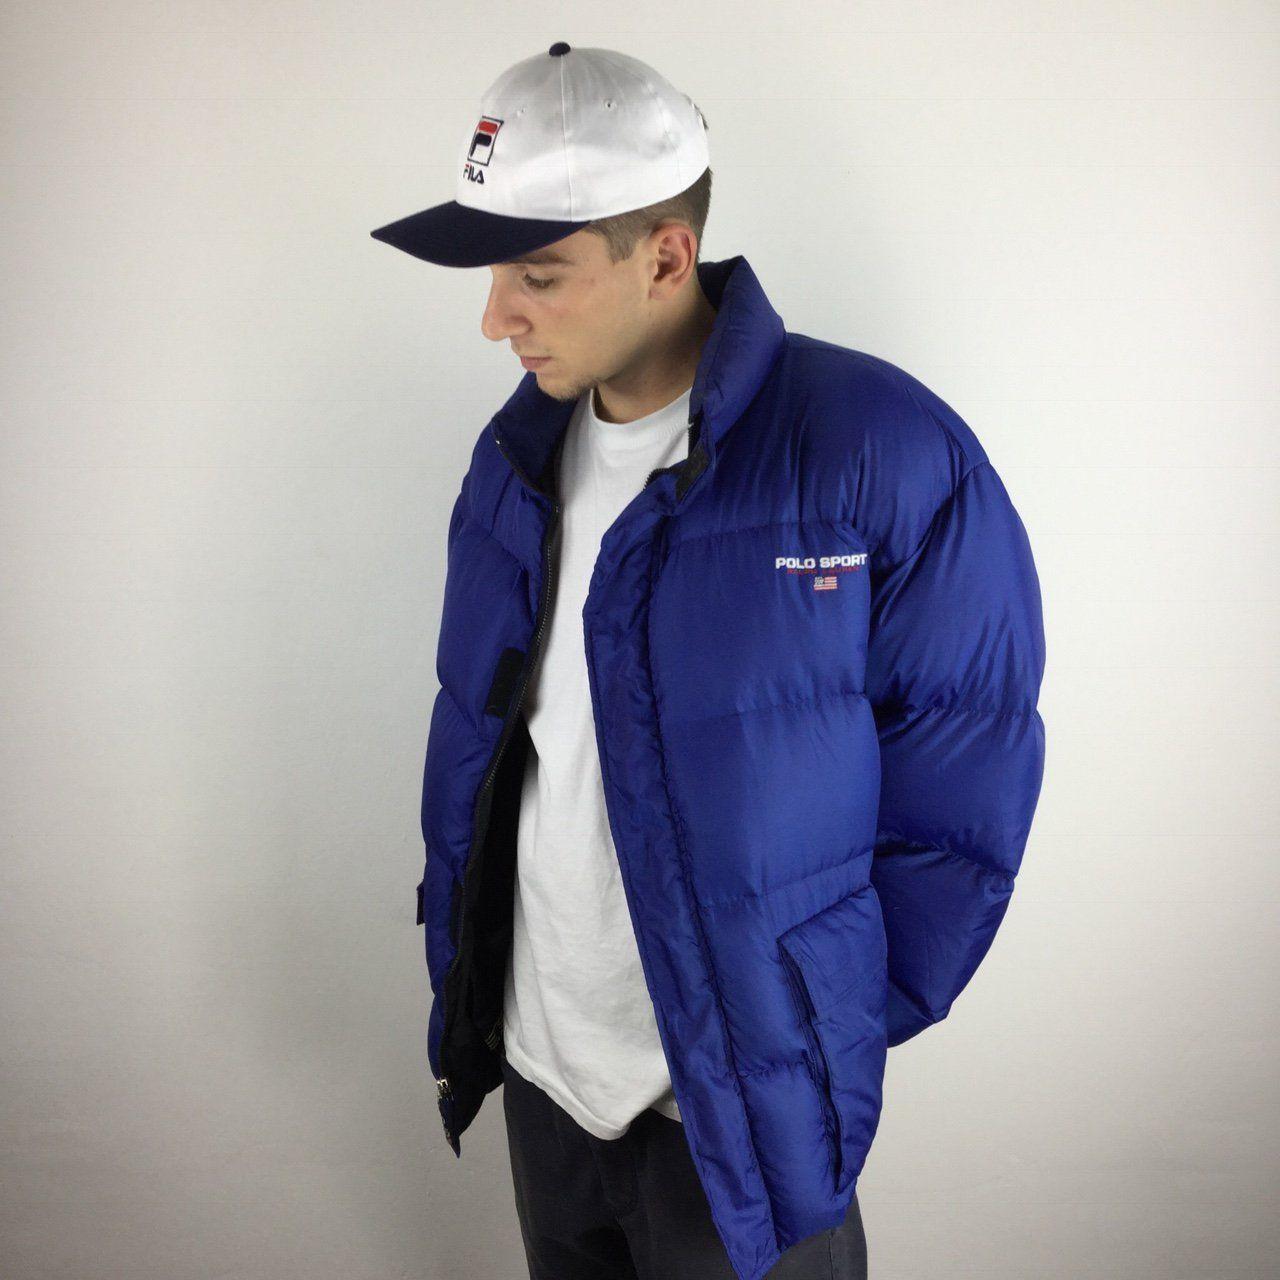 Ralph Lauren Polo Sport puffer in blue Nike jacket